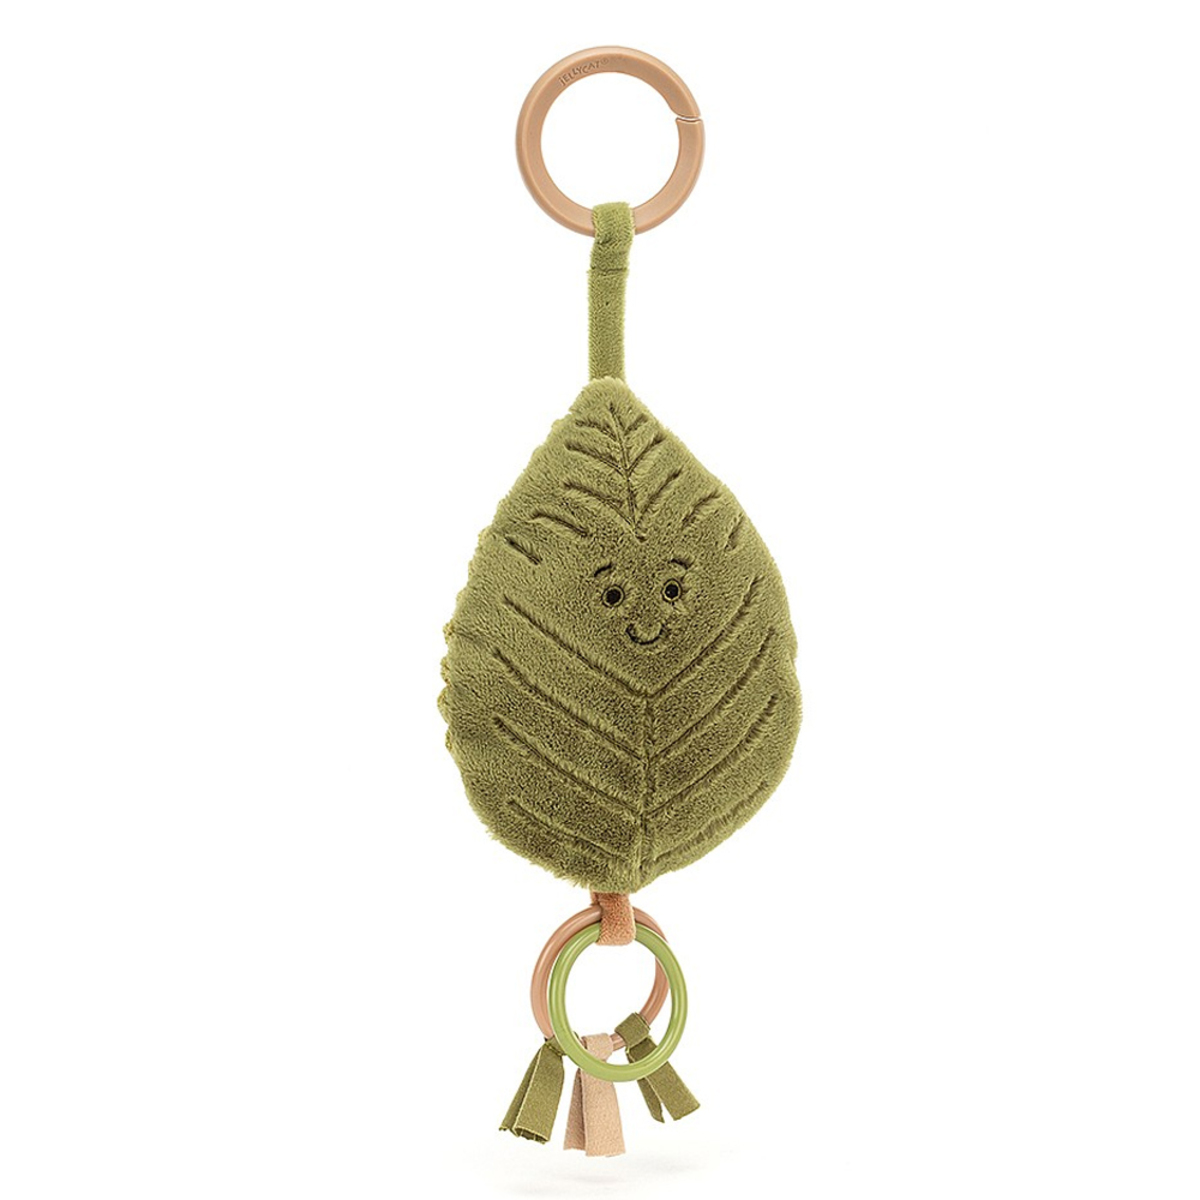 Accessoires poussette Jouet de Poussette Woodland Beech Leaf Ring Toy Jouet de Poussette Woodland Beech Leaf Ring Toy